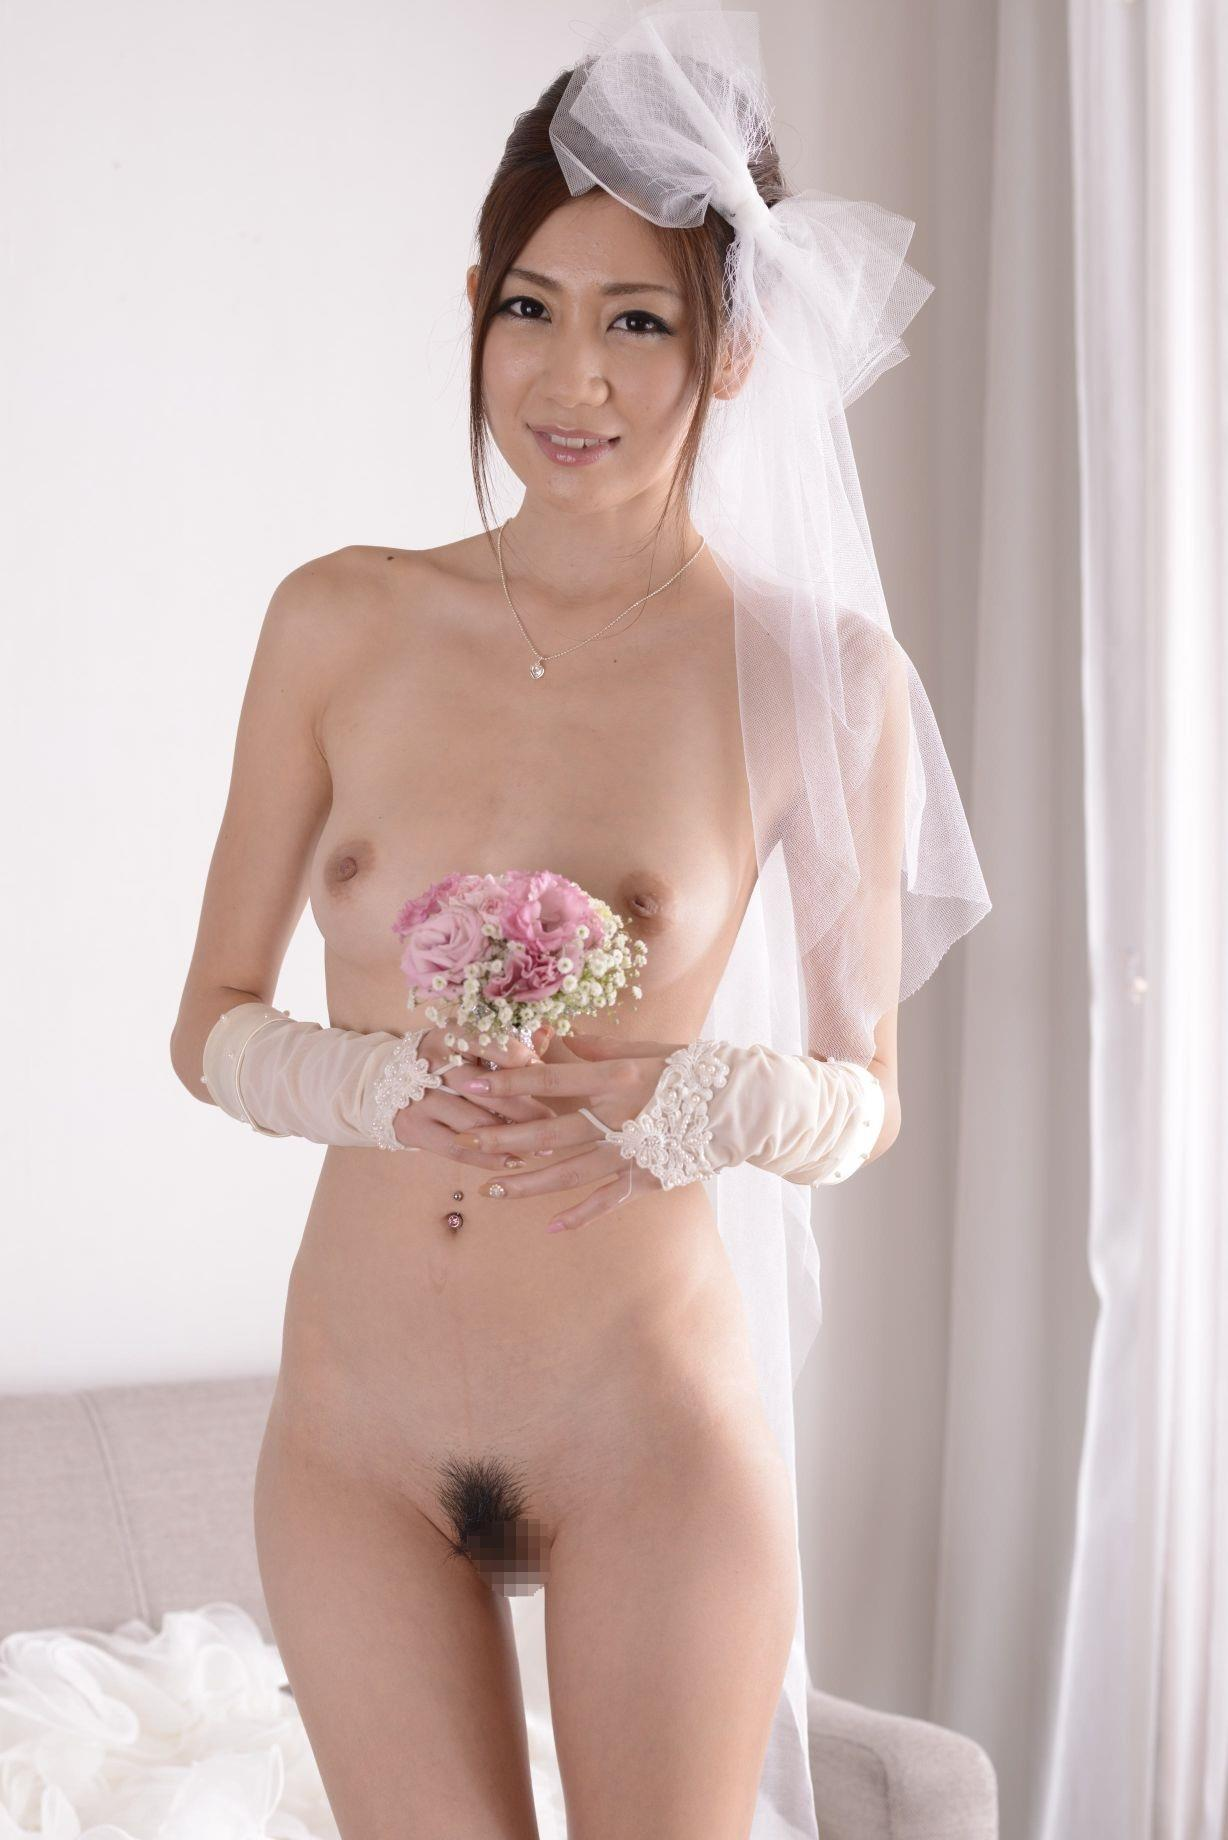 前田かおり ウェディングドレス画像 103